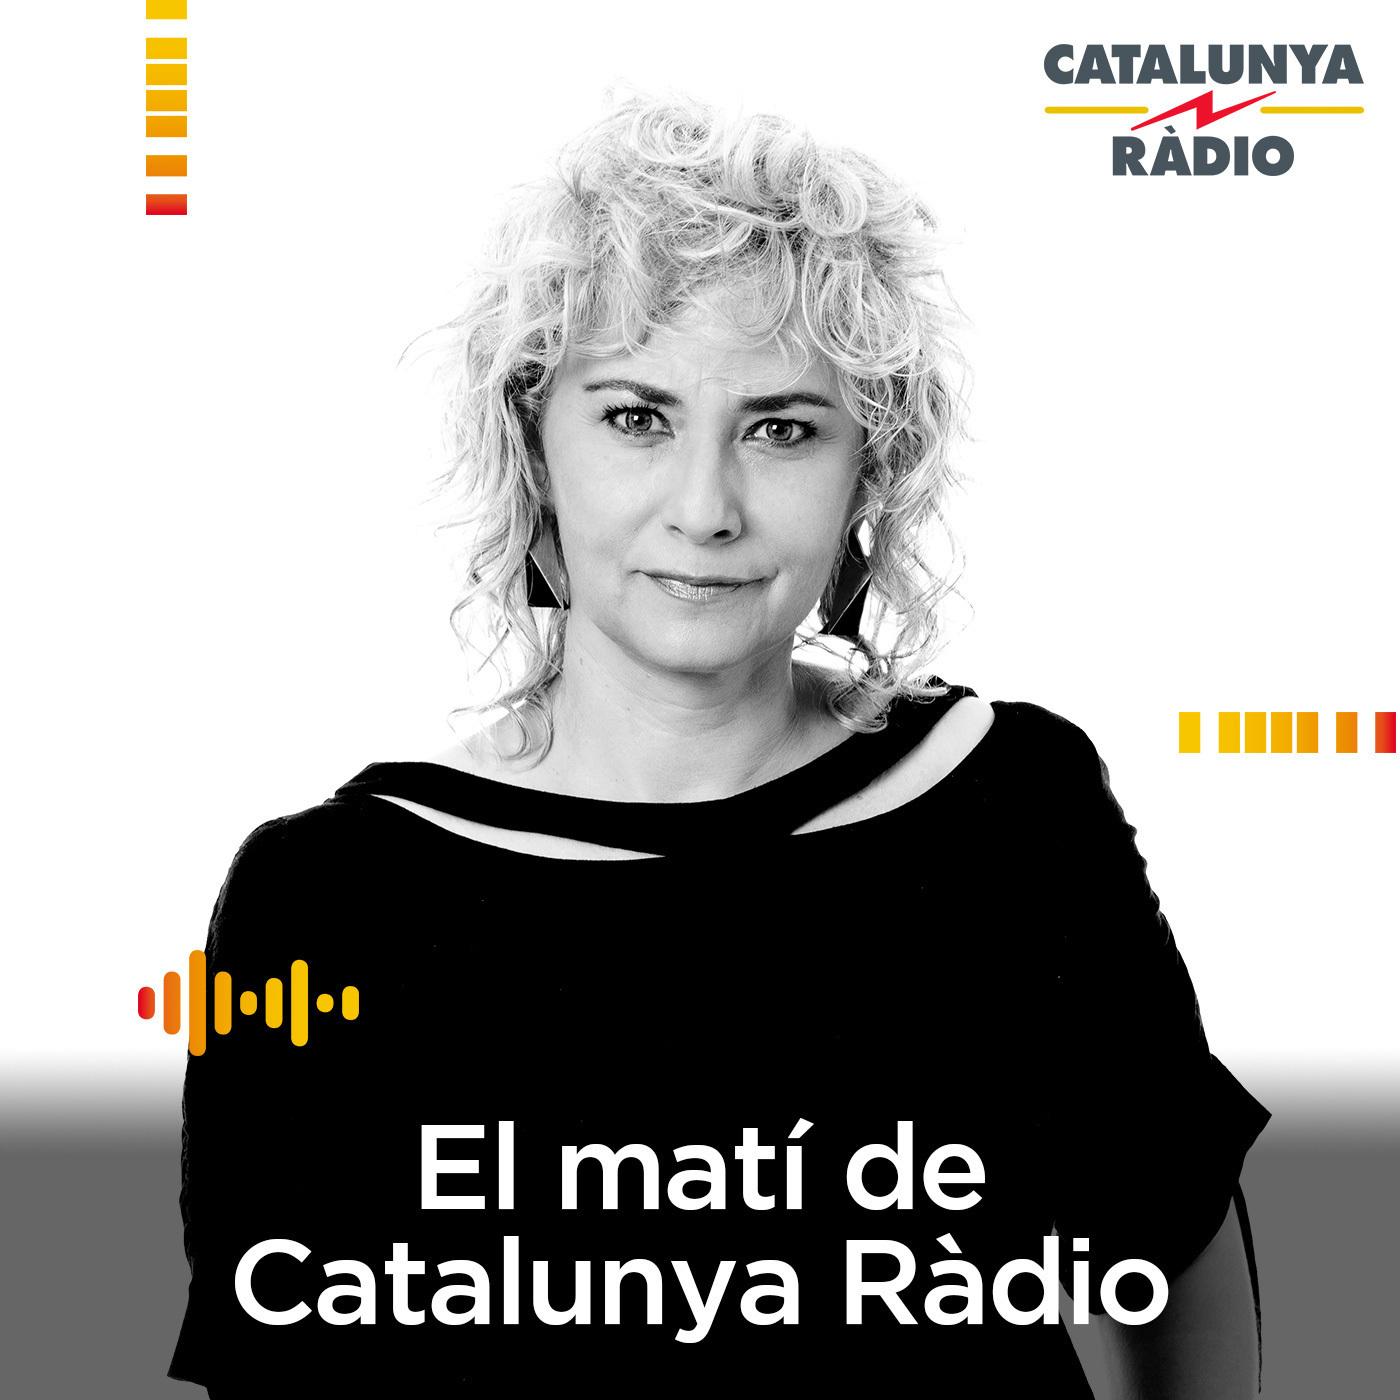 El matí de Catalunya Ràdio, de 6 a 7 h - 19/05/2020